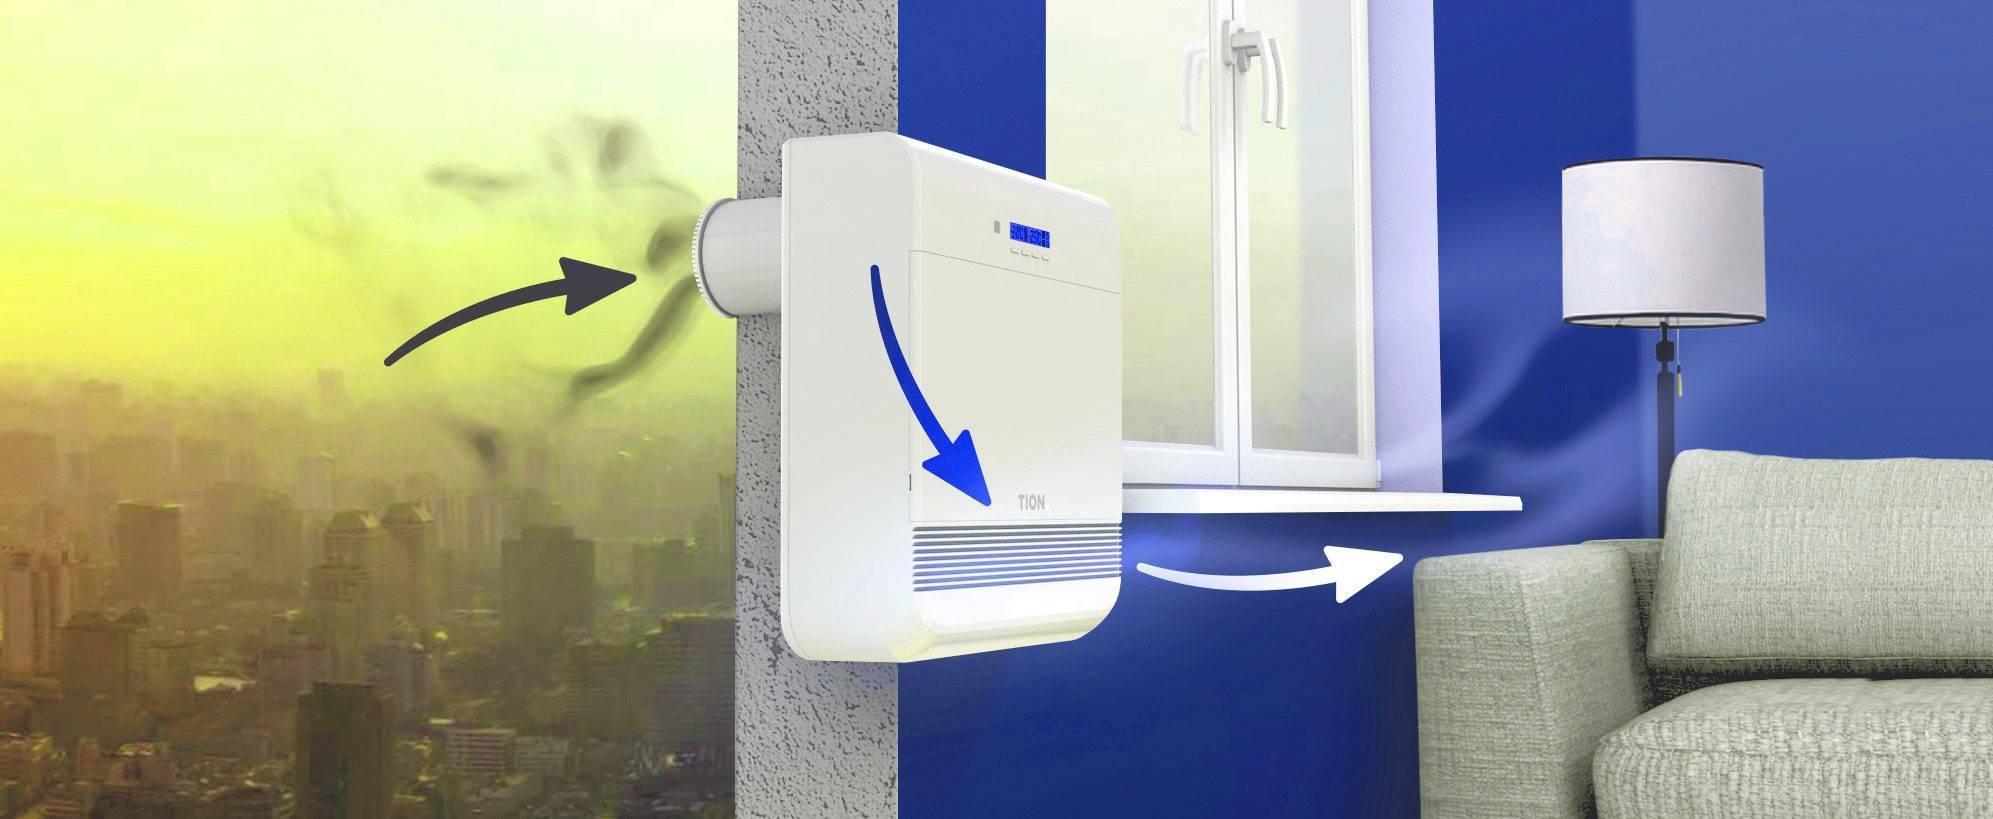 Использование приточной вентиляции с фильтрацией в квартире